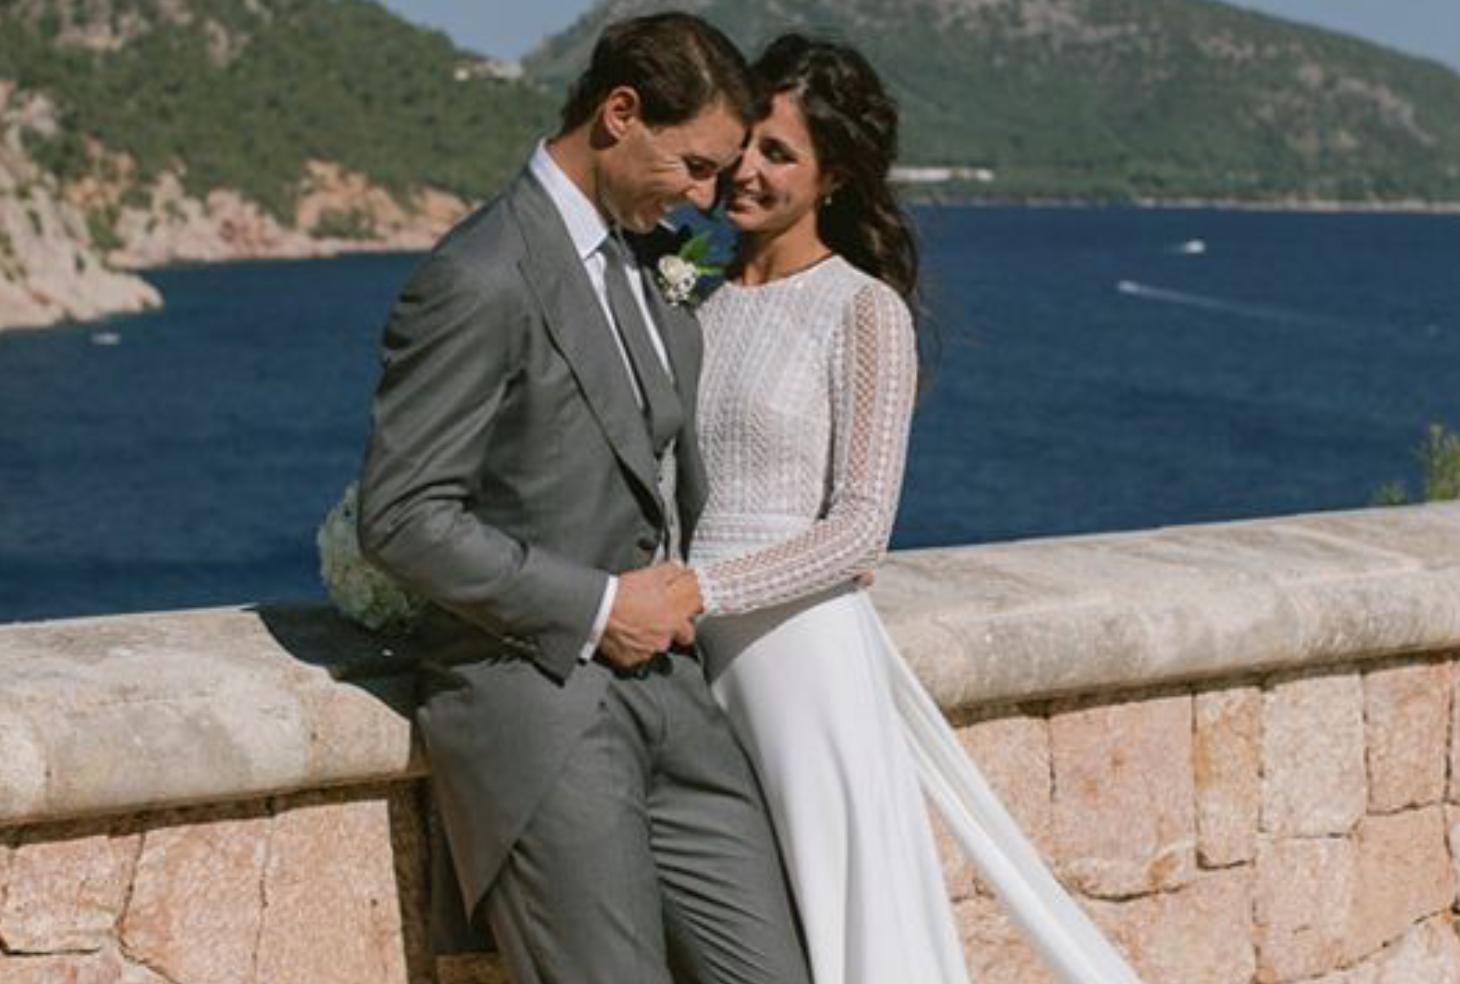 Рафа Надаль женился на девушке, с которой встречался 15 лет